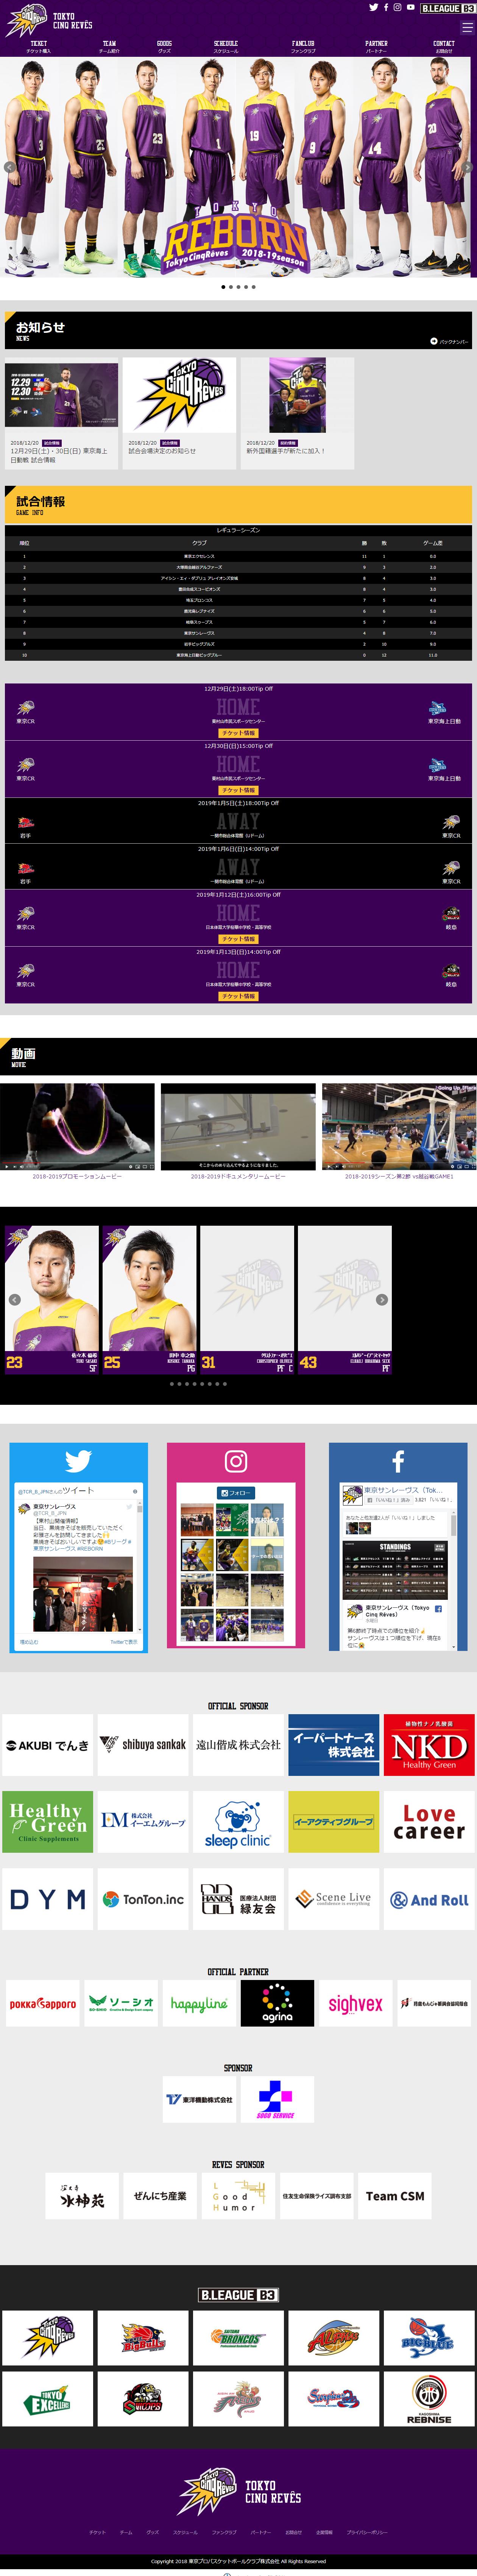 プロバスケットボールクラブ 東京サンレーヴス